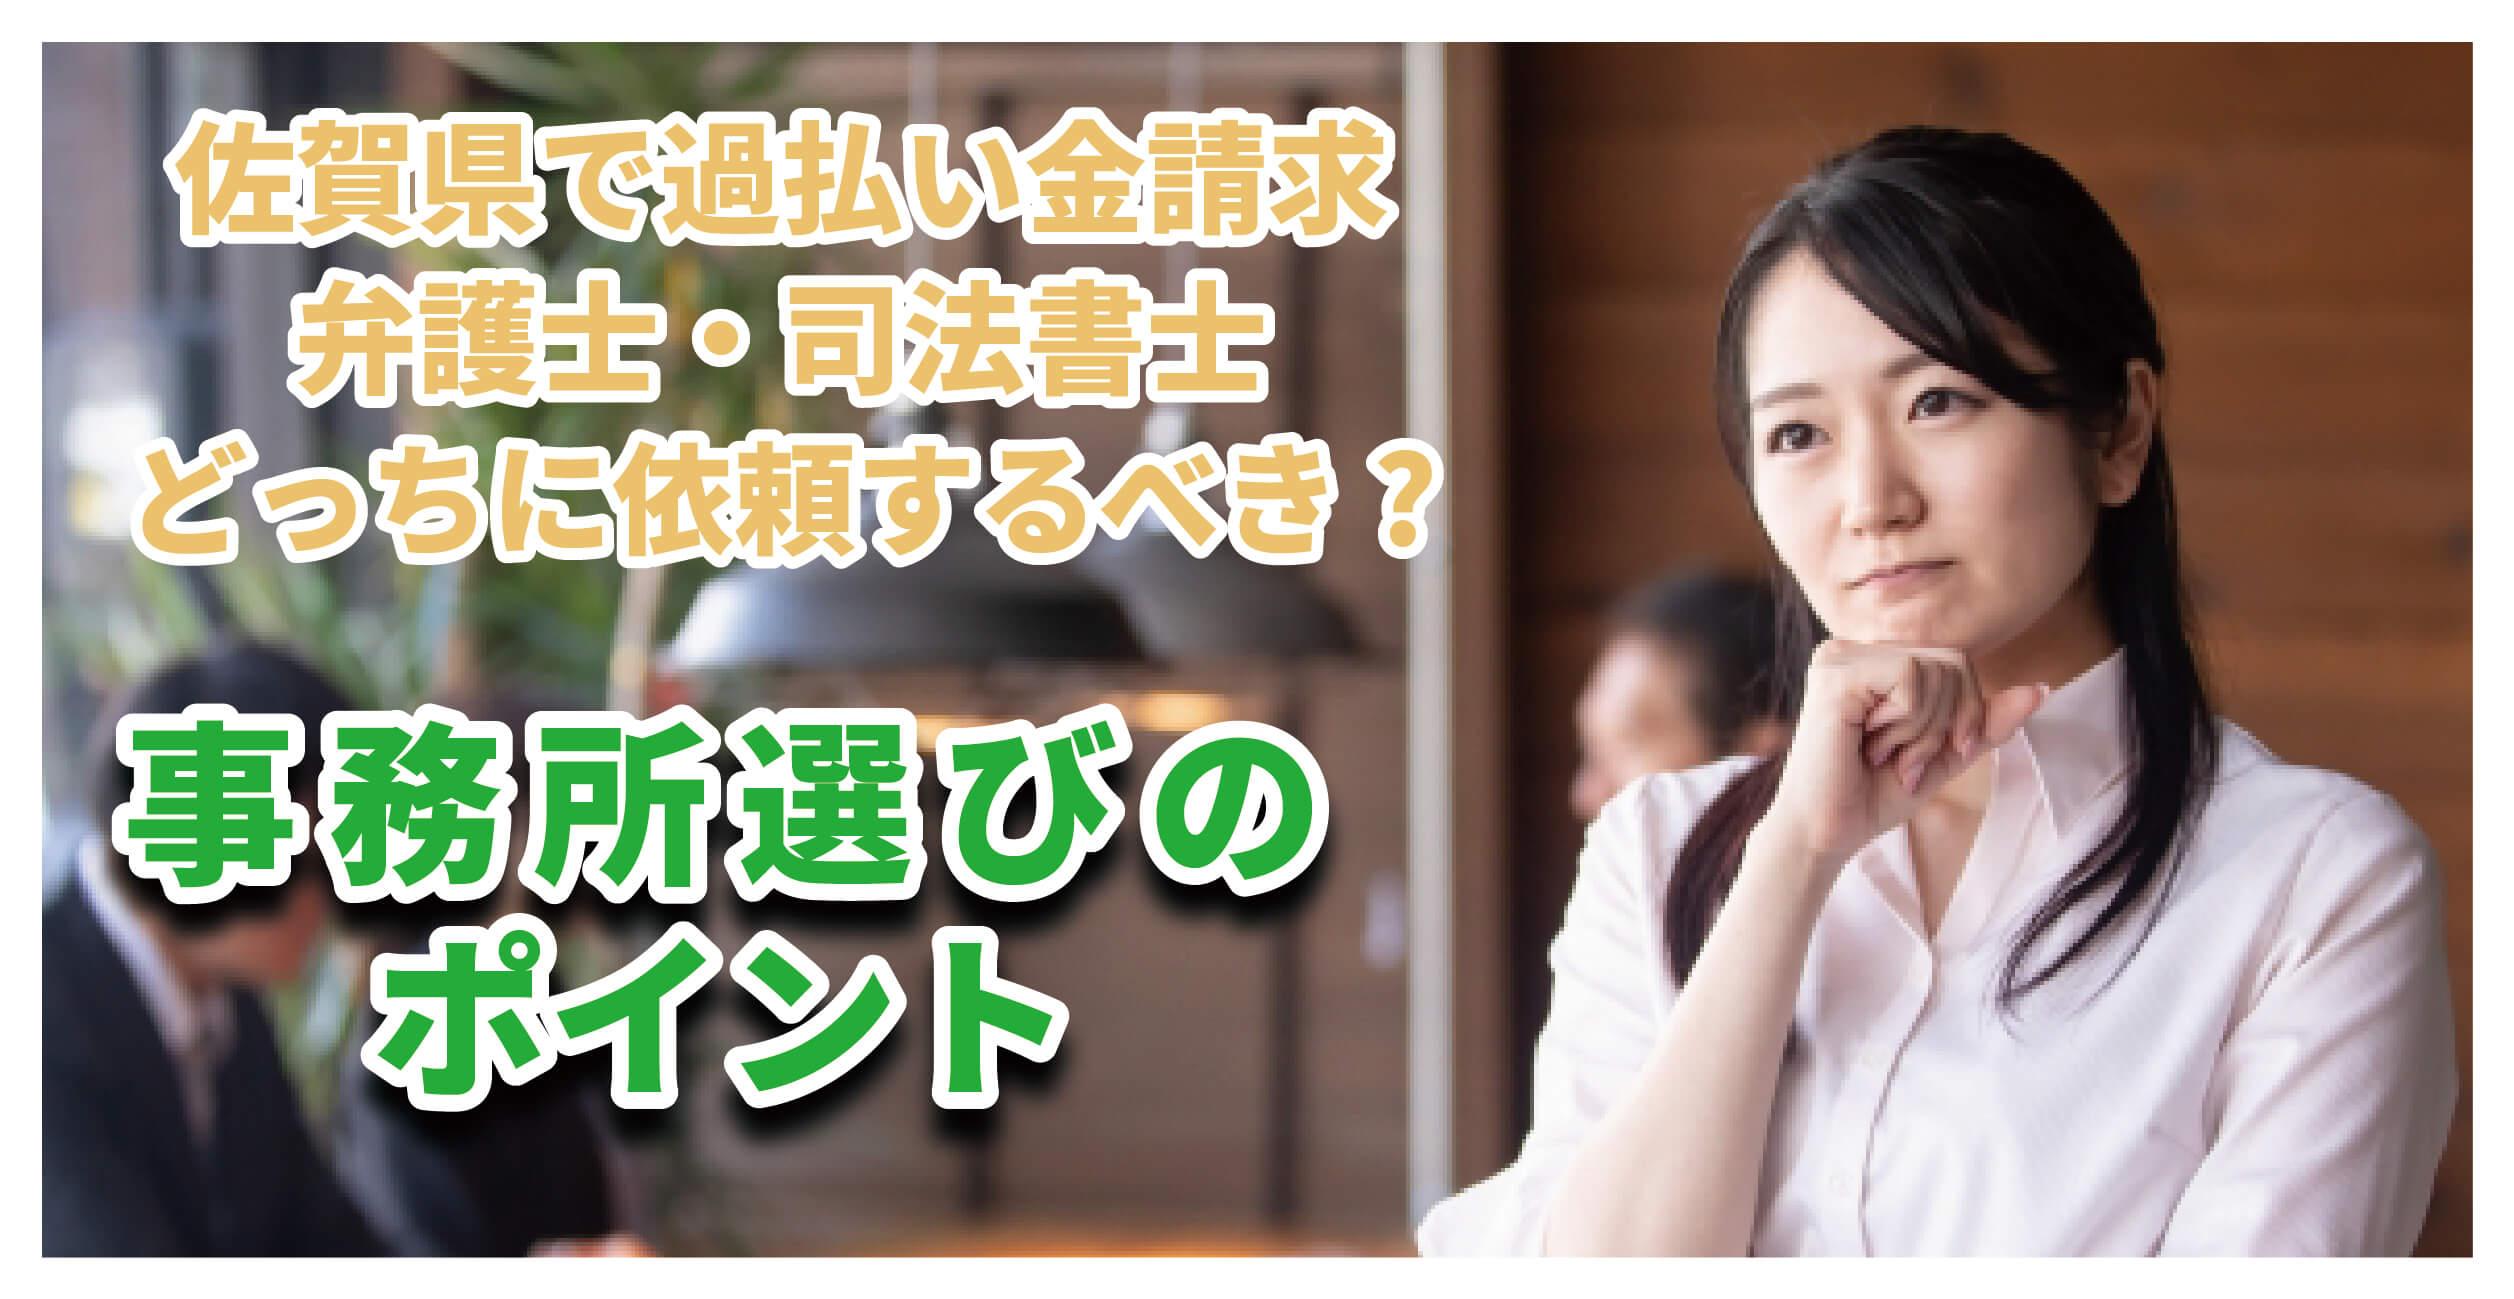 佐賀県で過払い金請求するなら弁護士と司法書士どっちがいいの